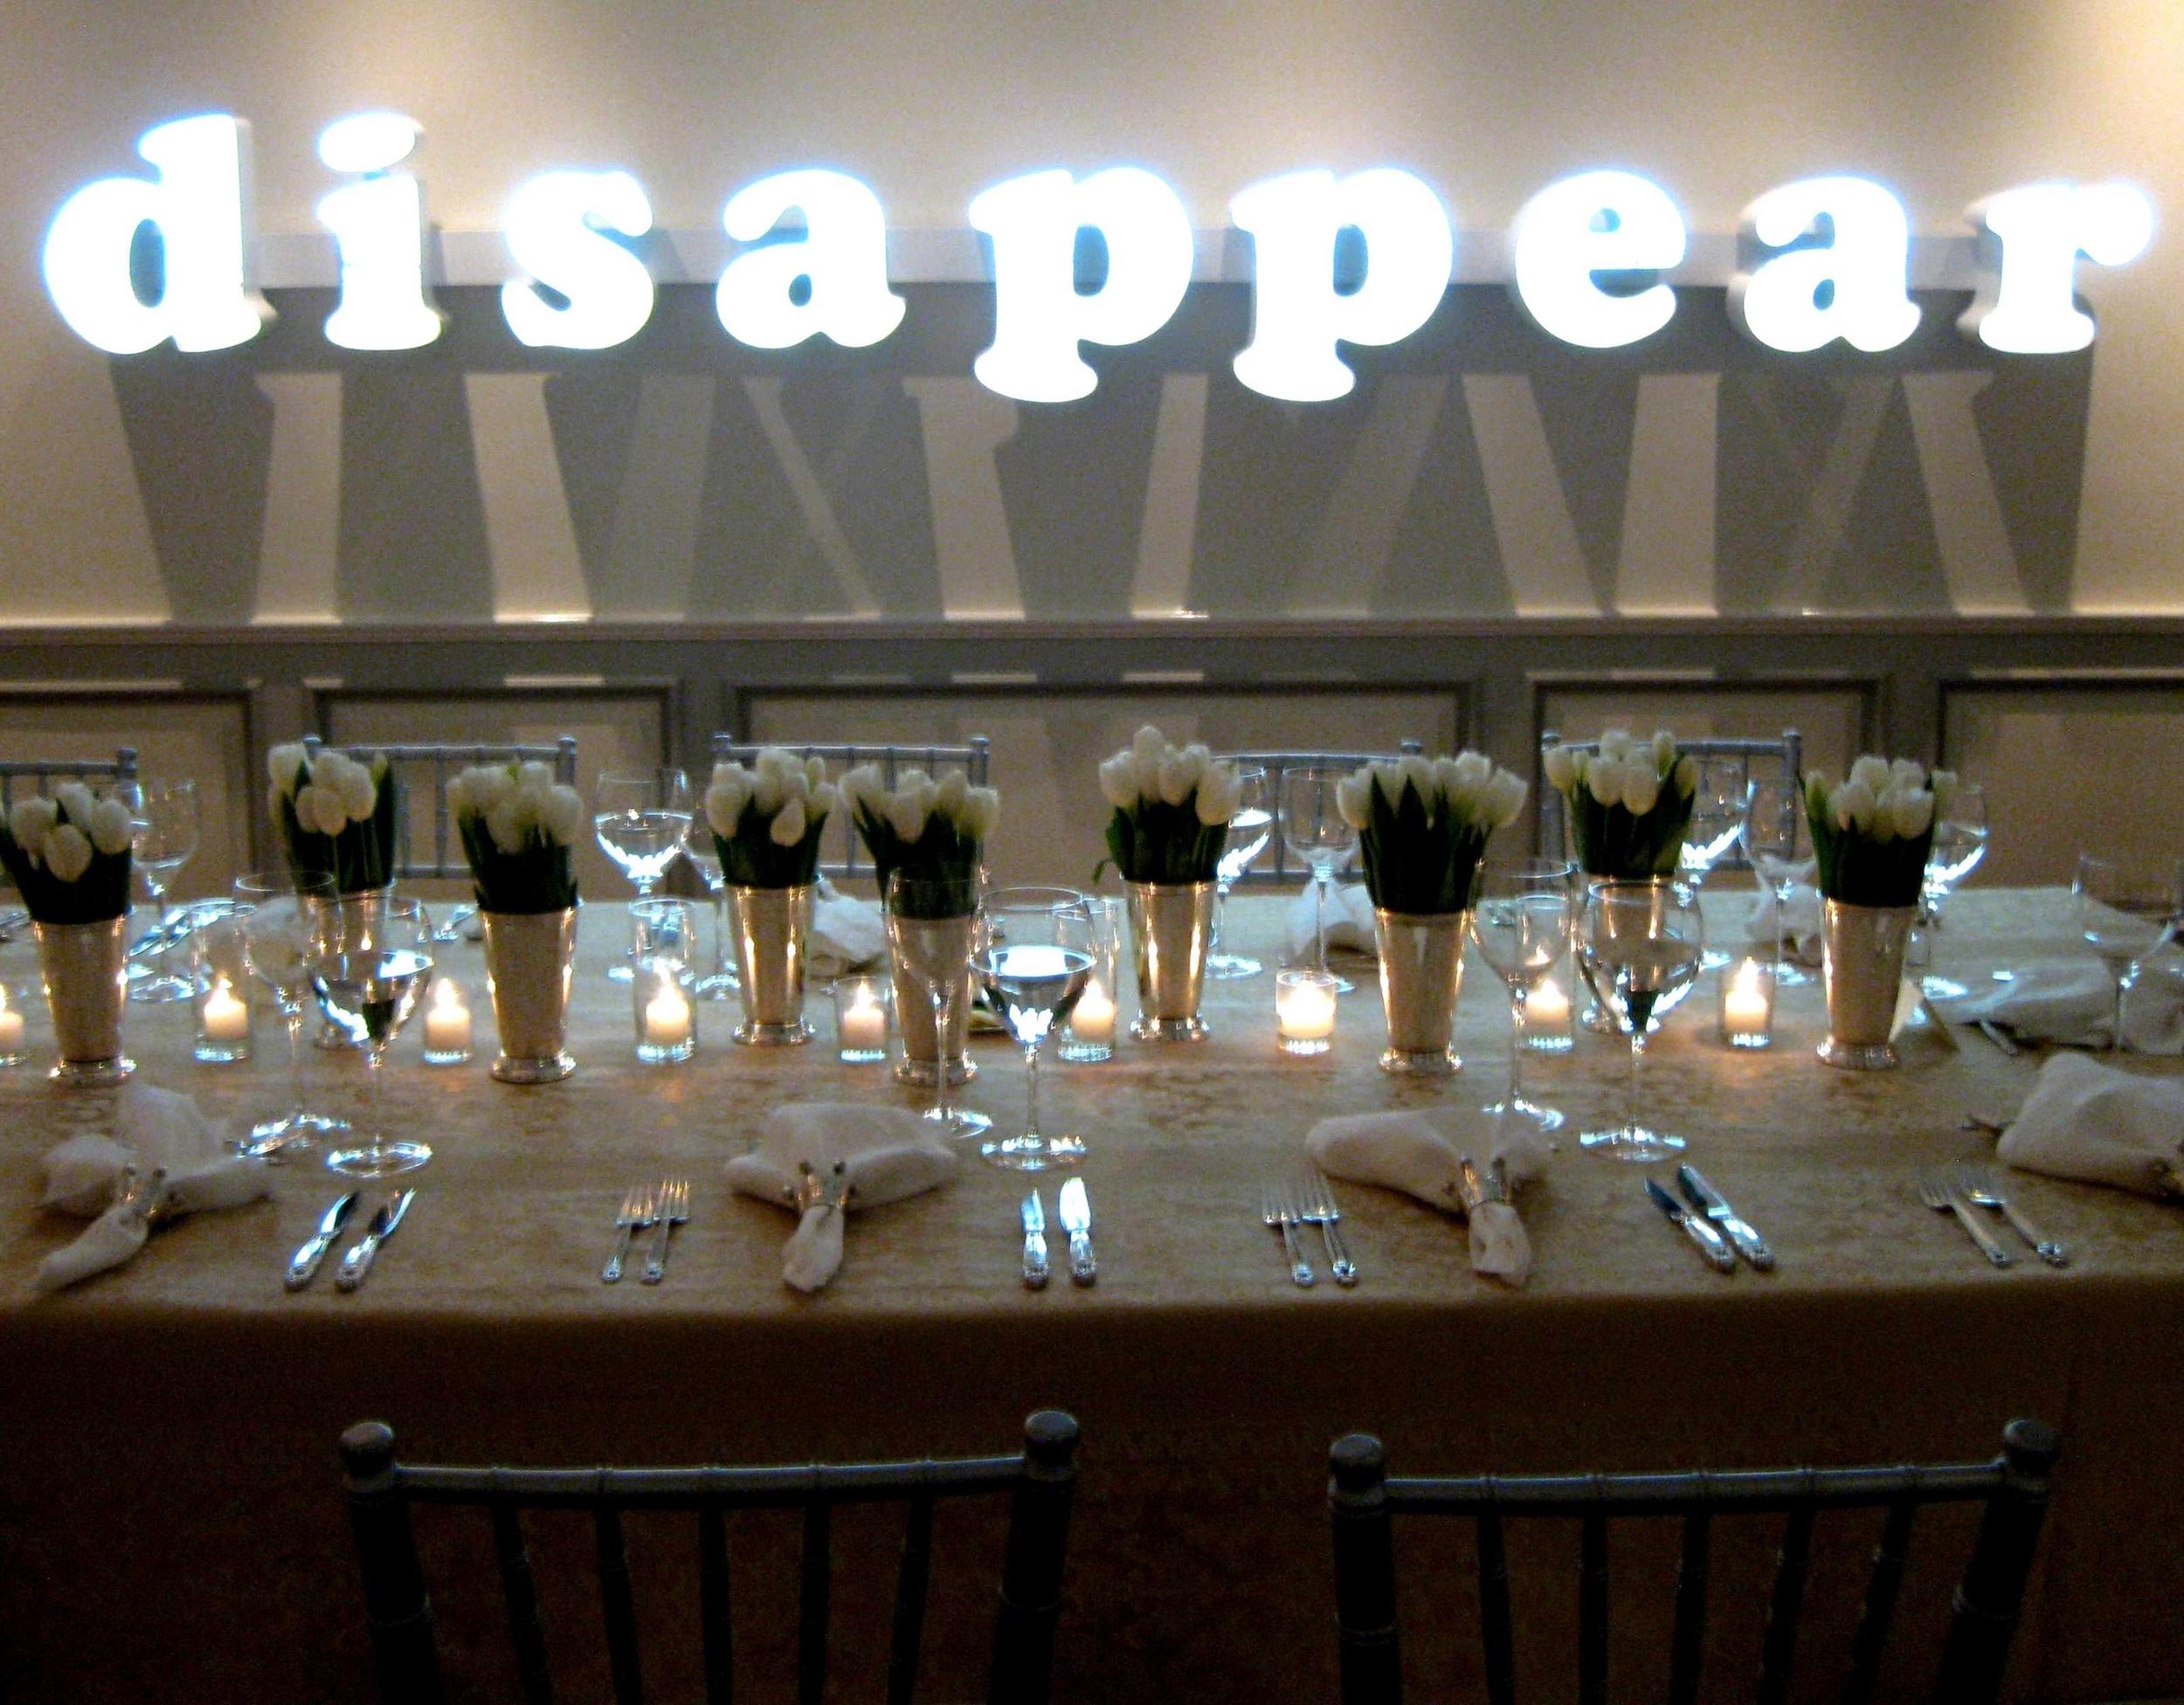 055.elegant dinner table set-up, white tulip centerpieces, modern art decor.jpg